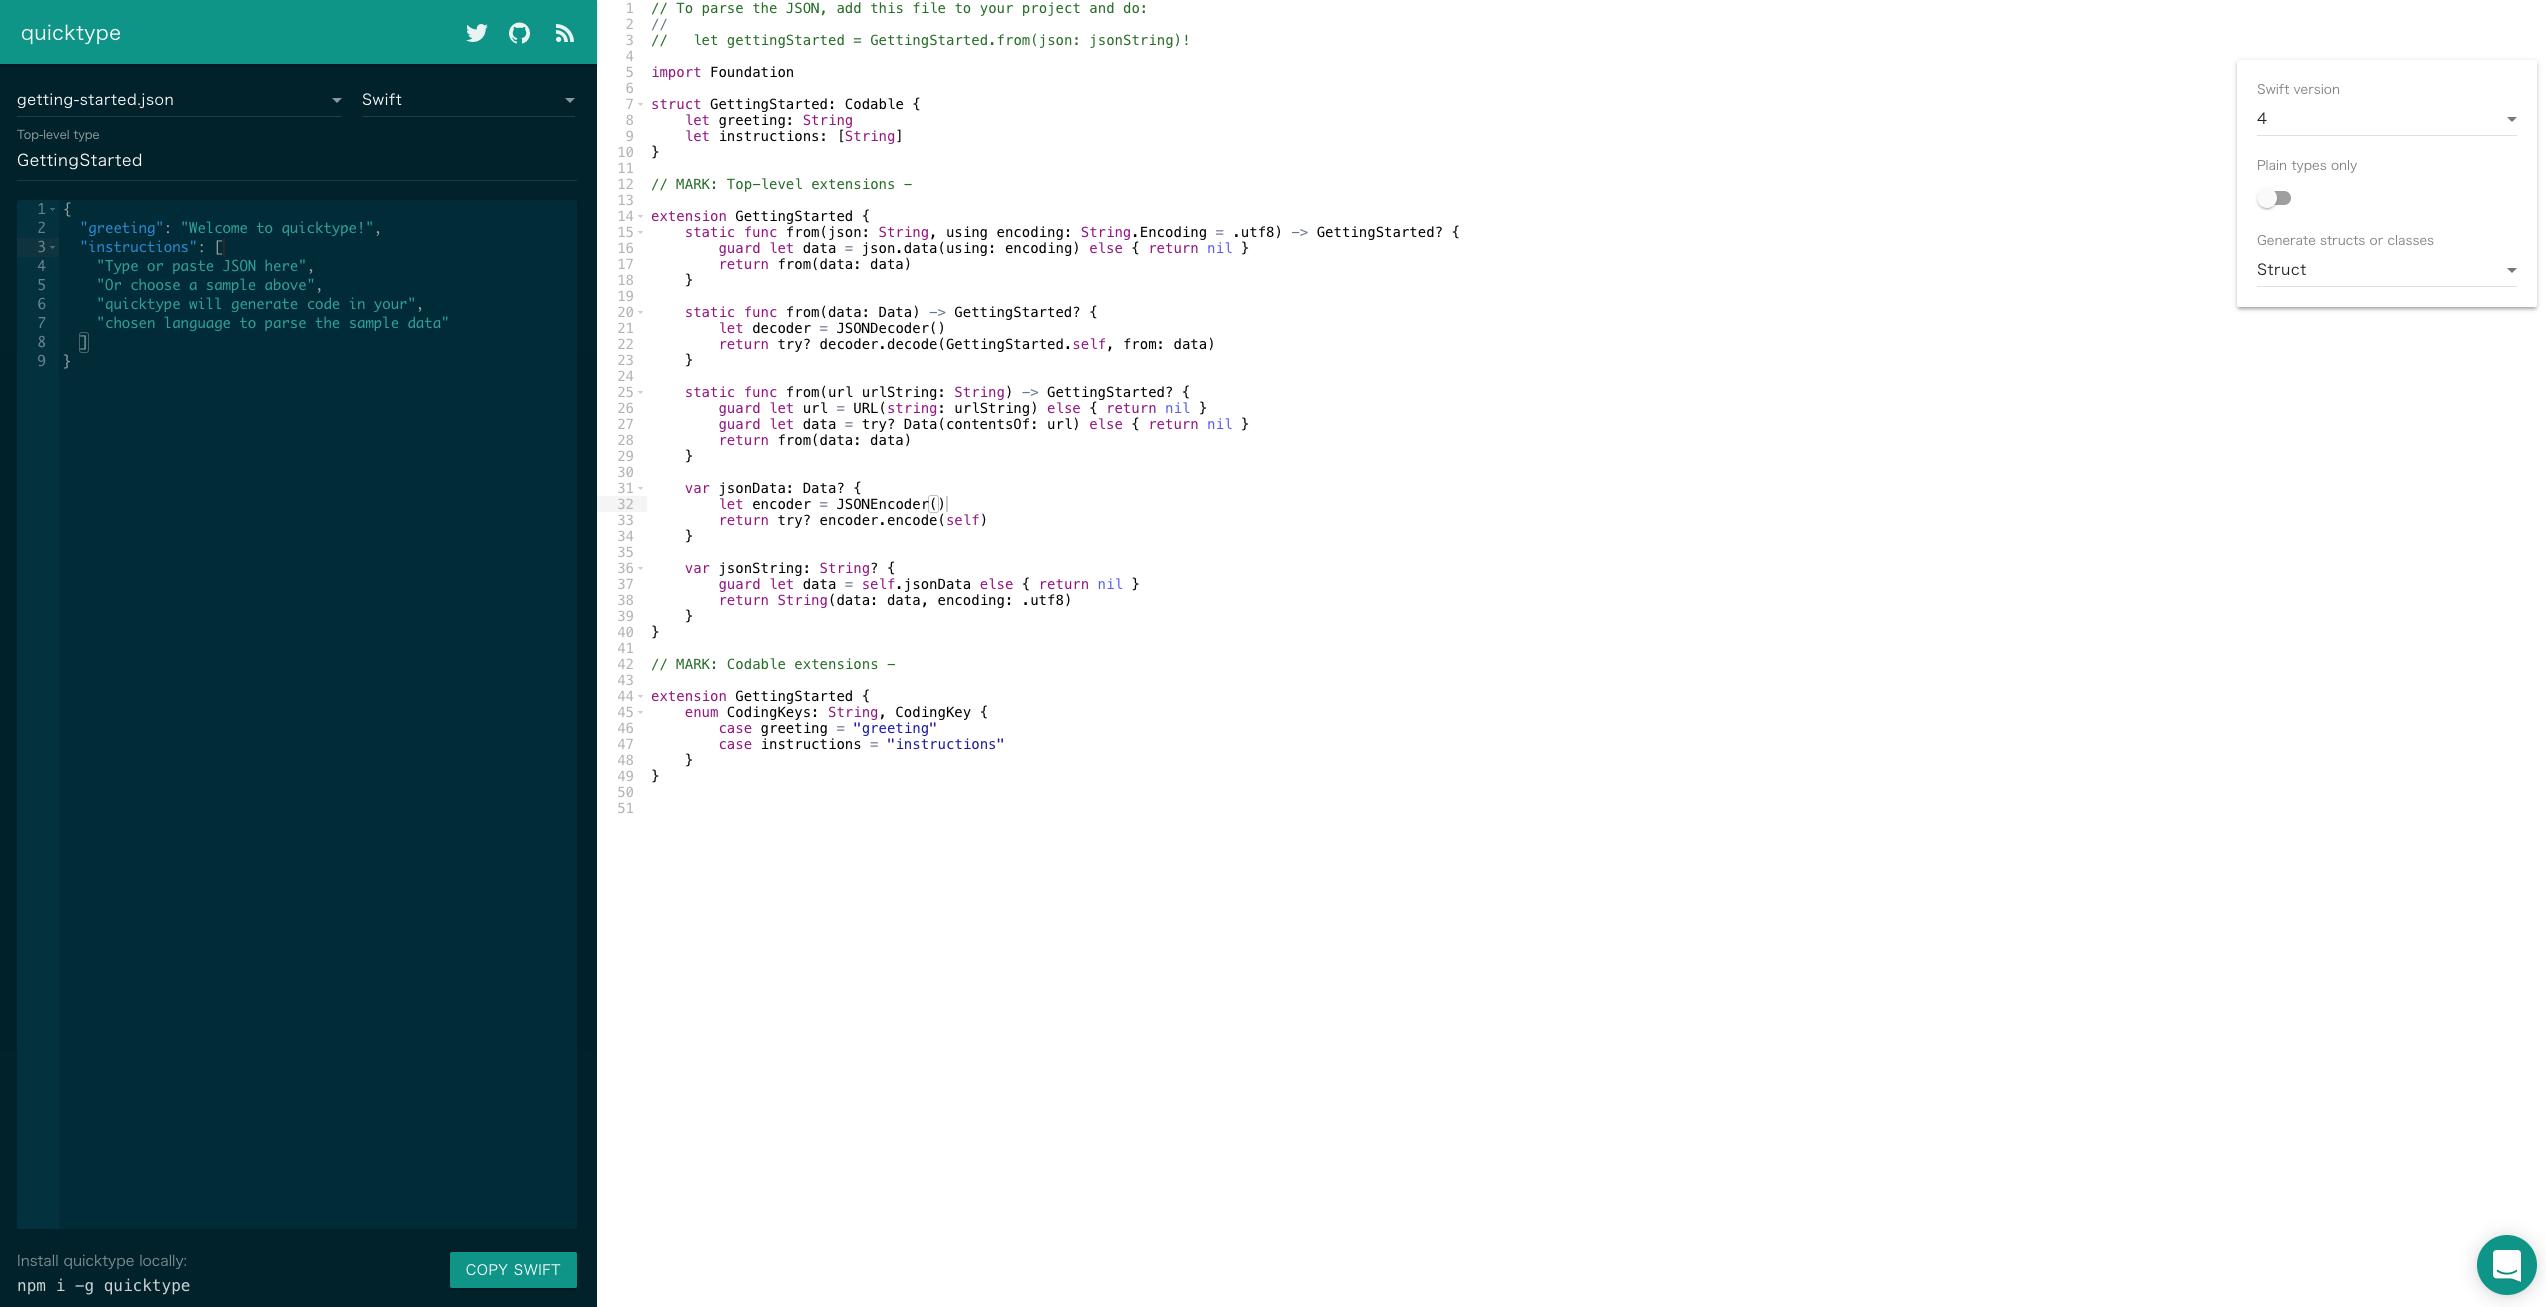 圧倒的捗り!!JSONデータからモデルを自動生成してくれるquicktypeが